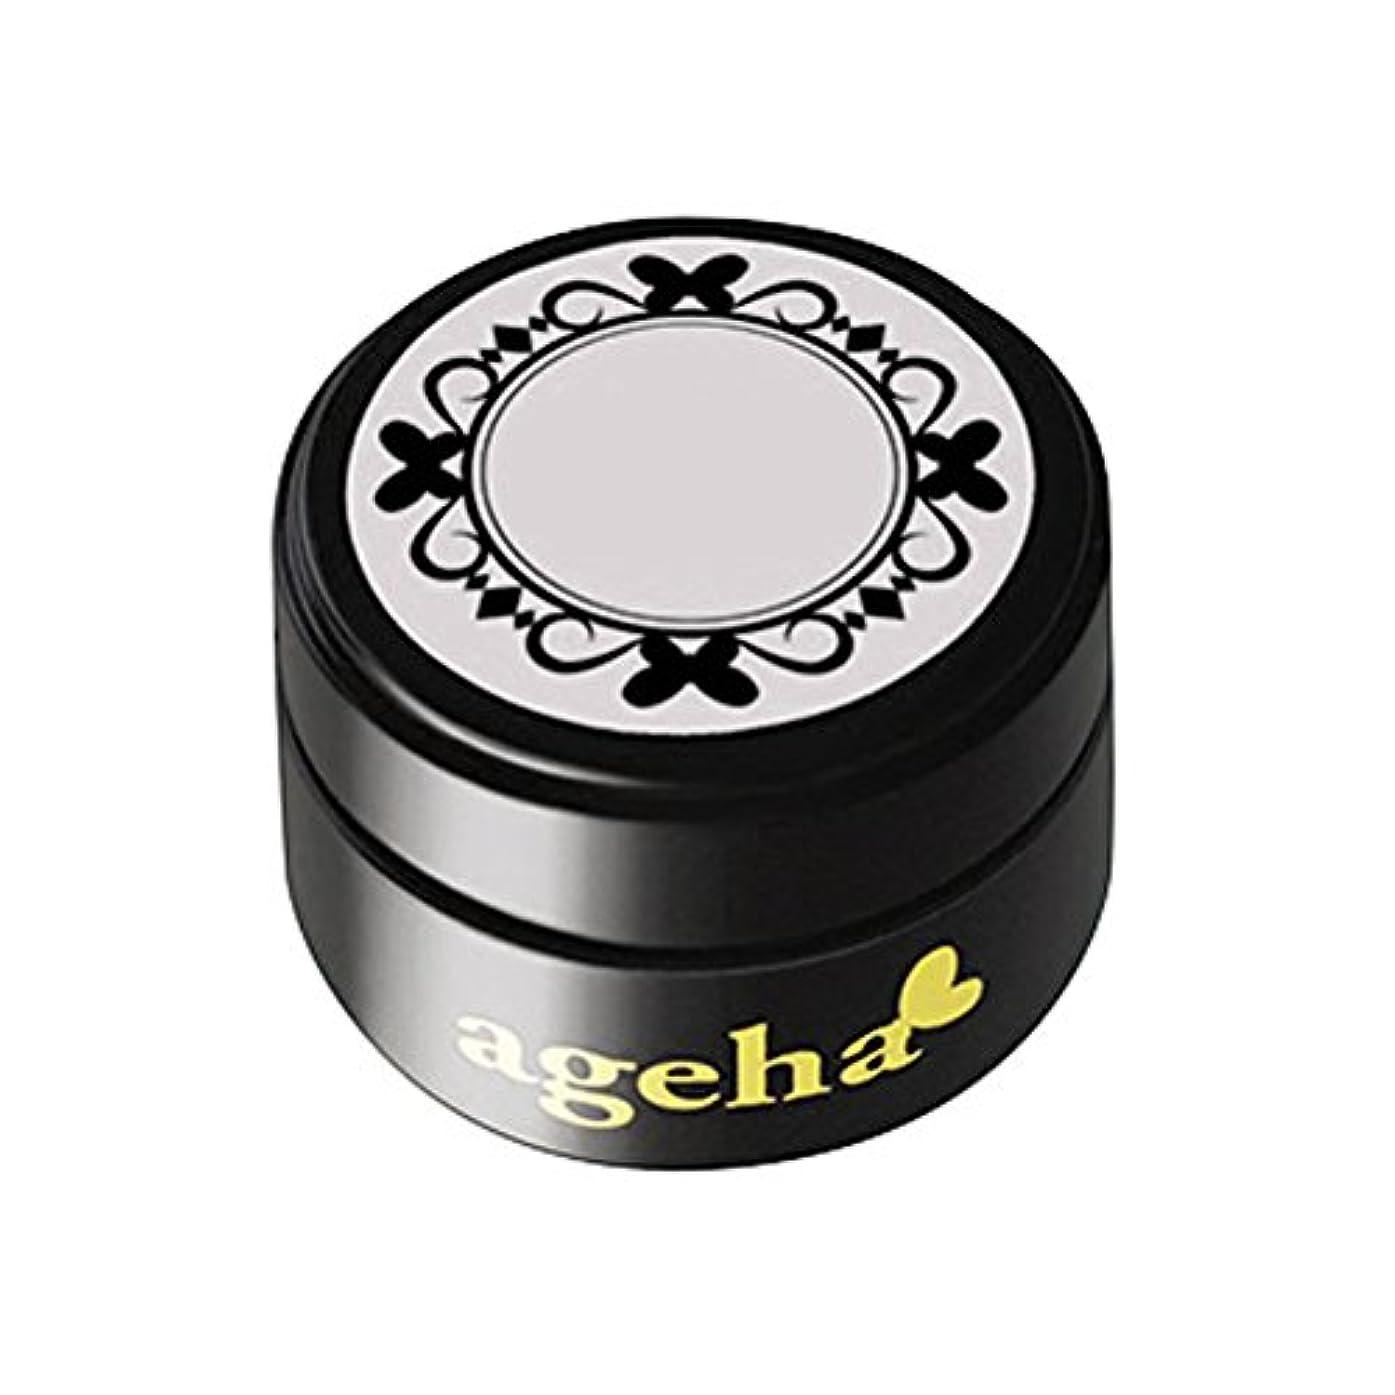 湿地に話す申し立てられたageha gel カラージェル コスメカラー 103 アプリコットヌード 2.7g UV/LED対応